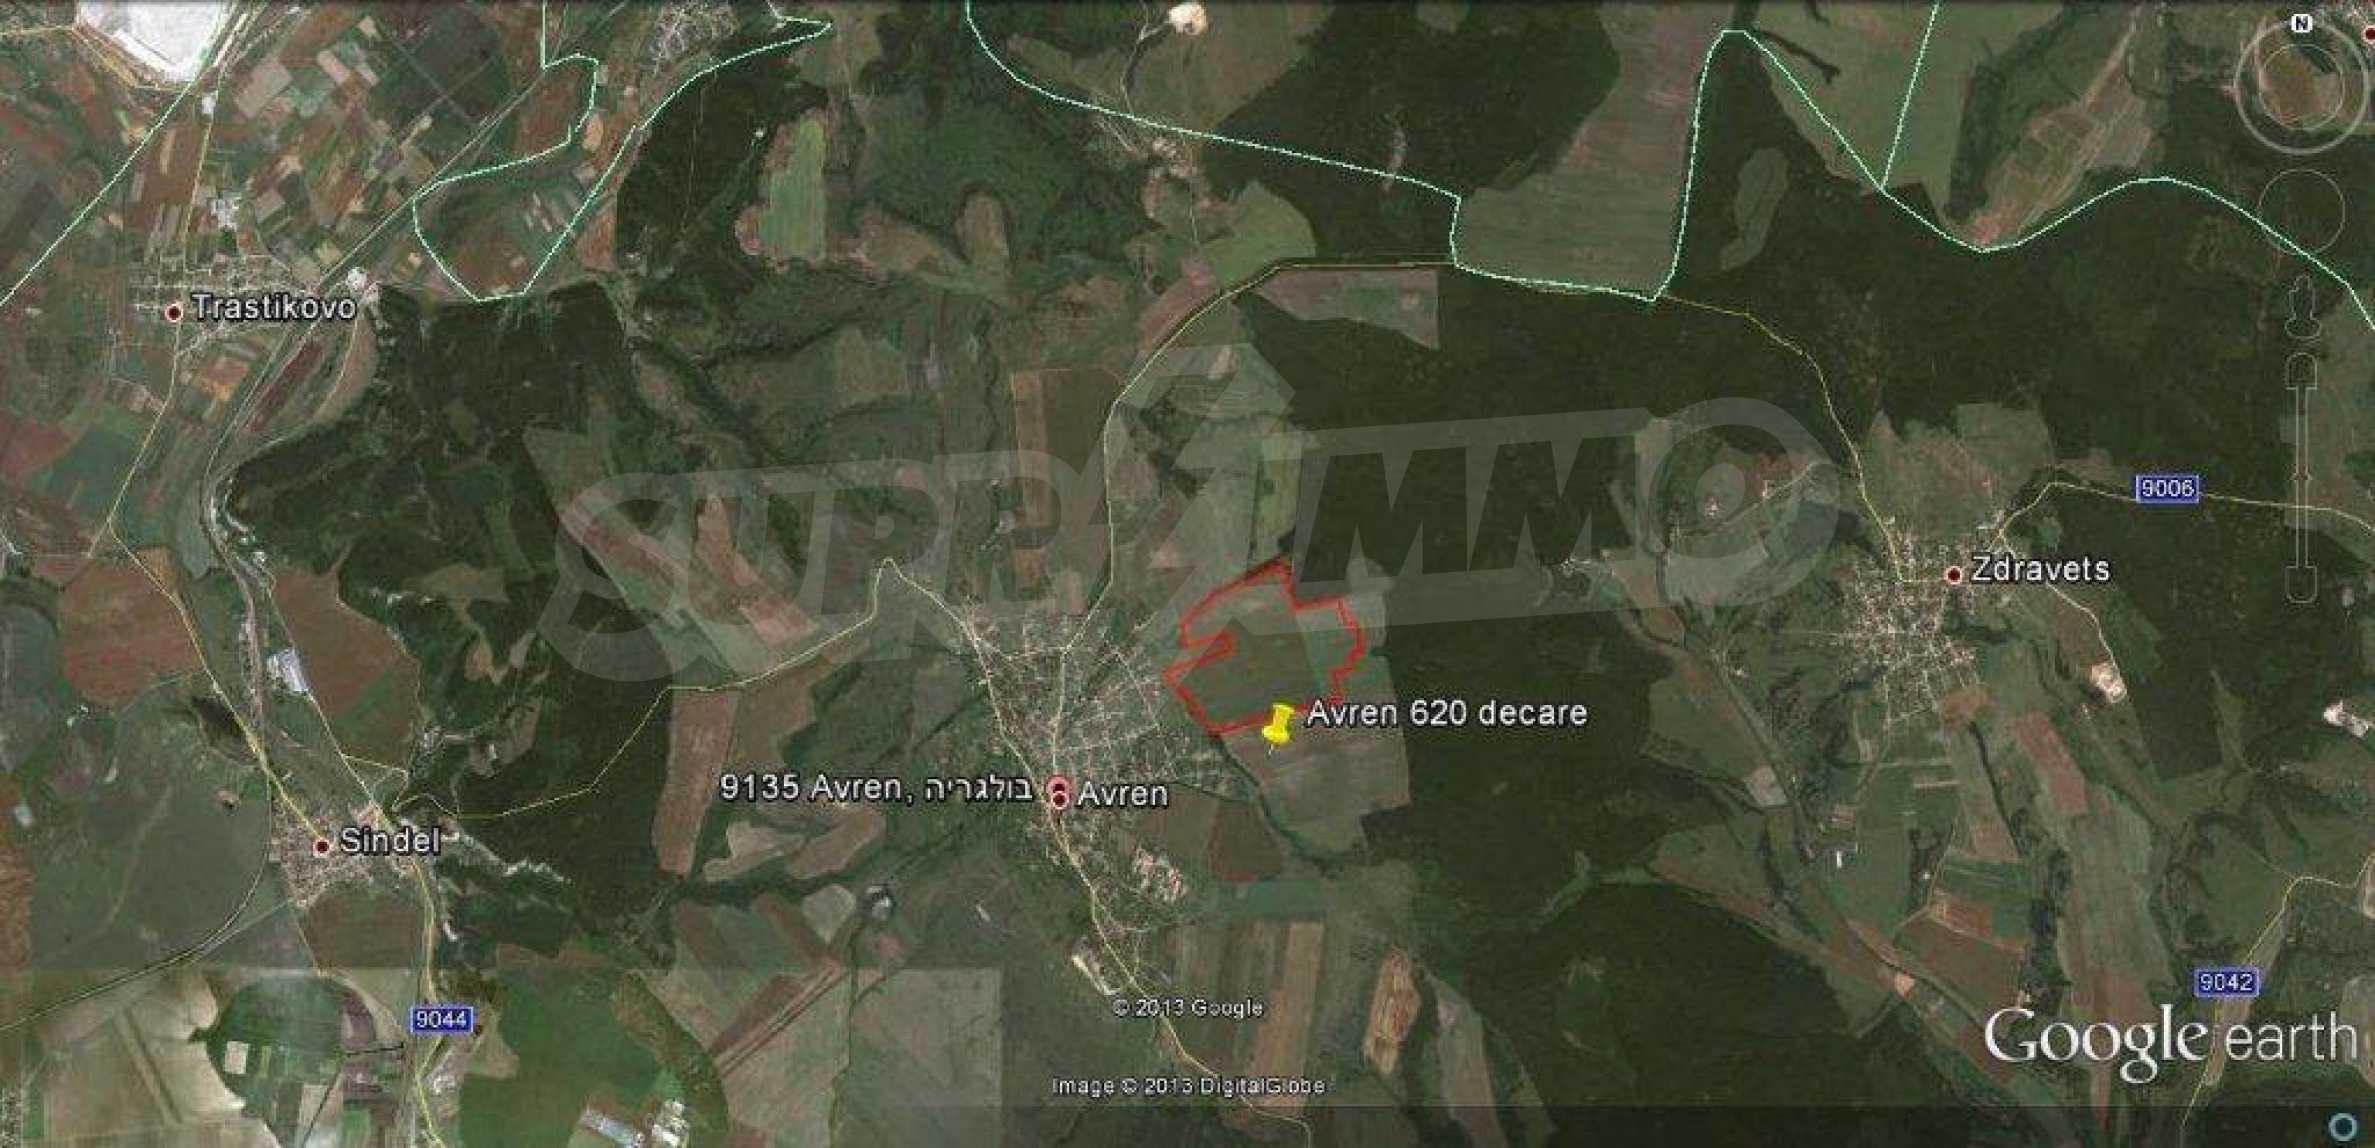 Large plot of land for sale in Avren 1